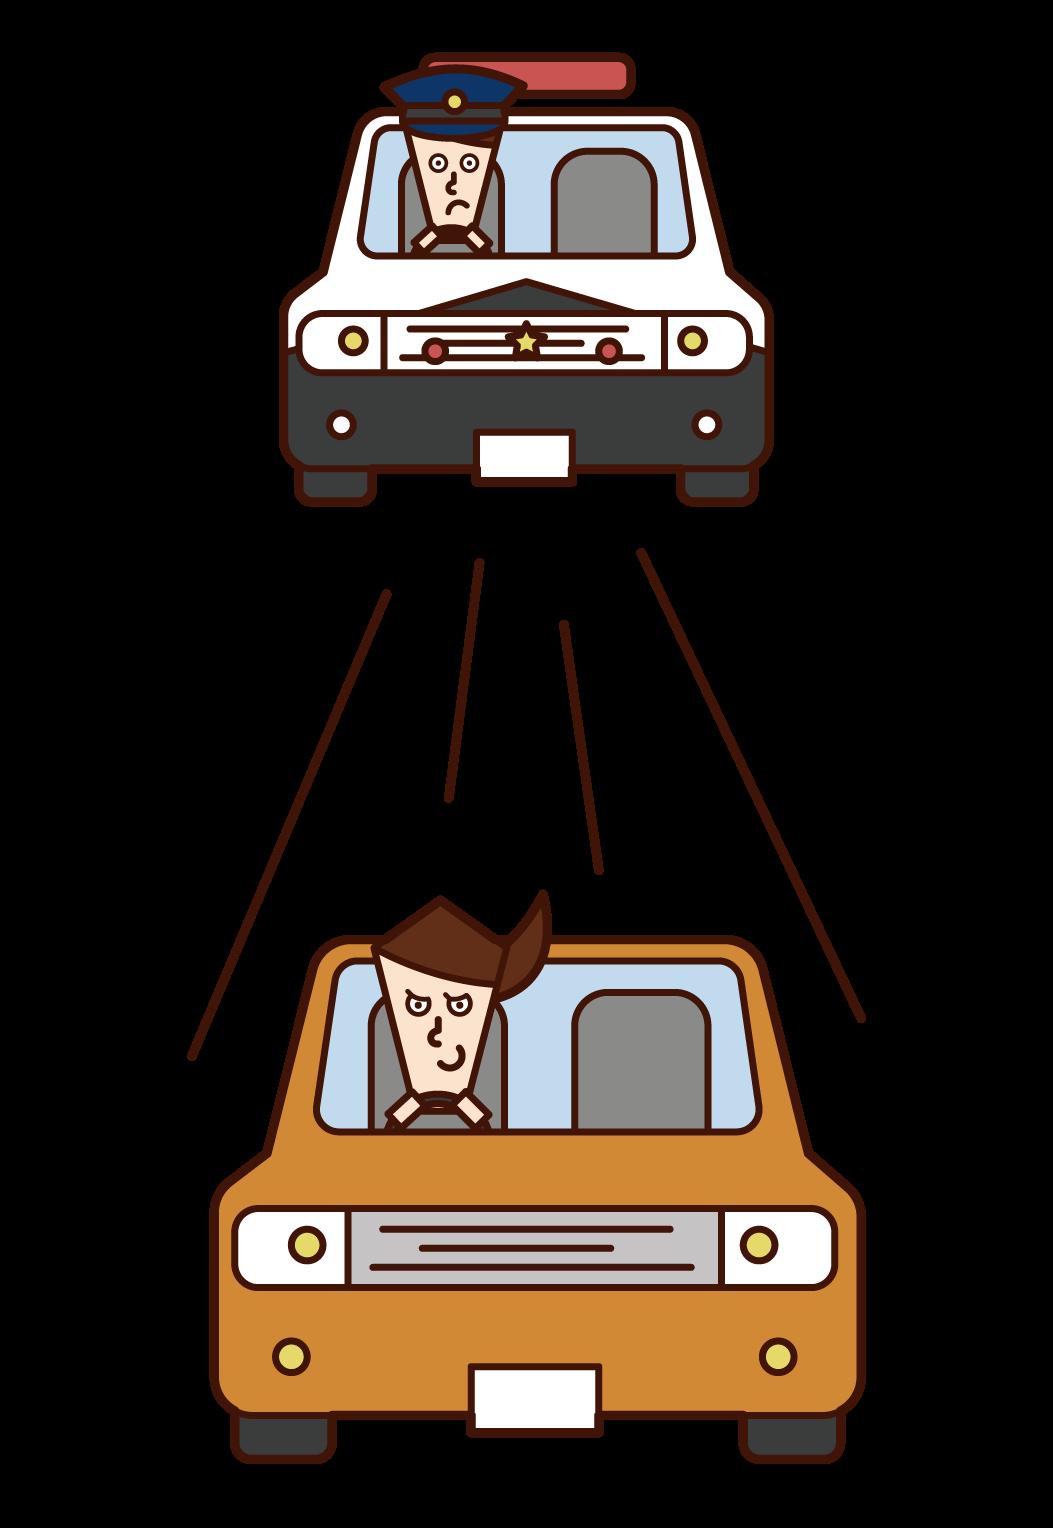 운전자 (여성)가 경찰차를 탈출하는 그림